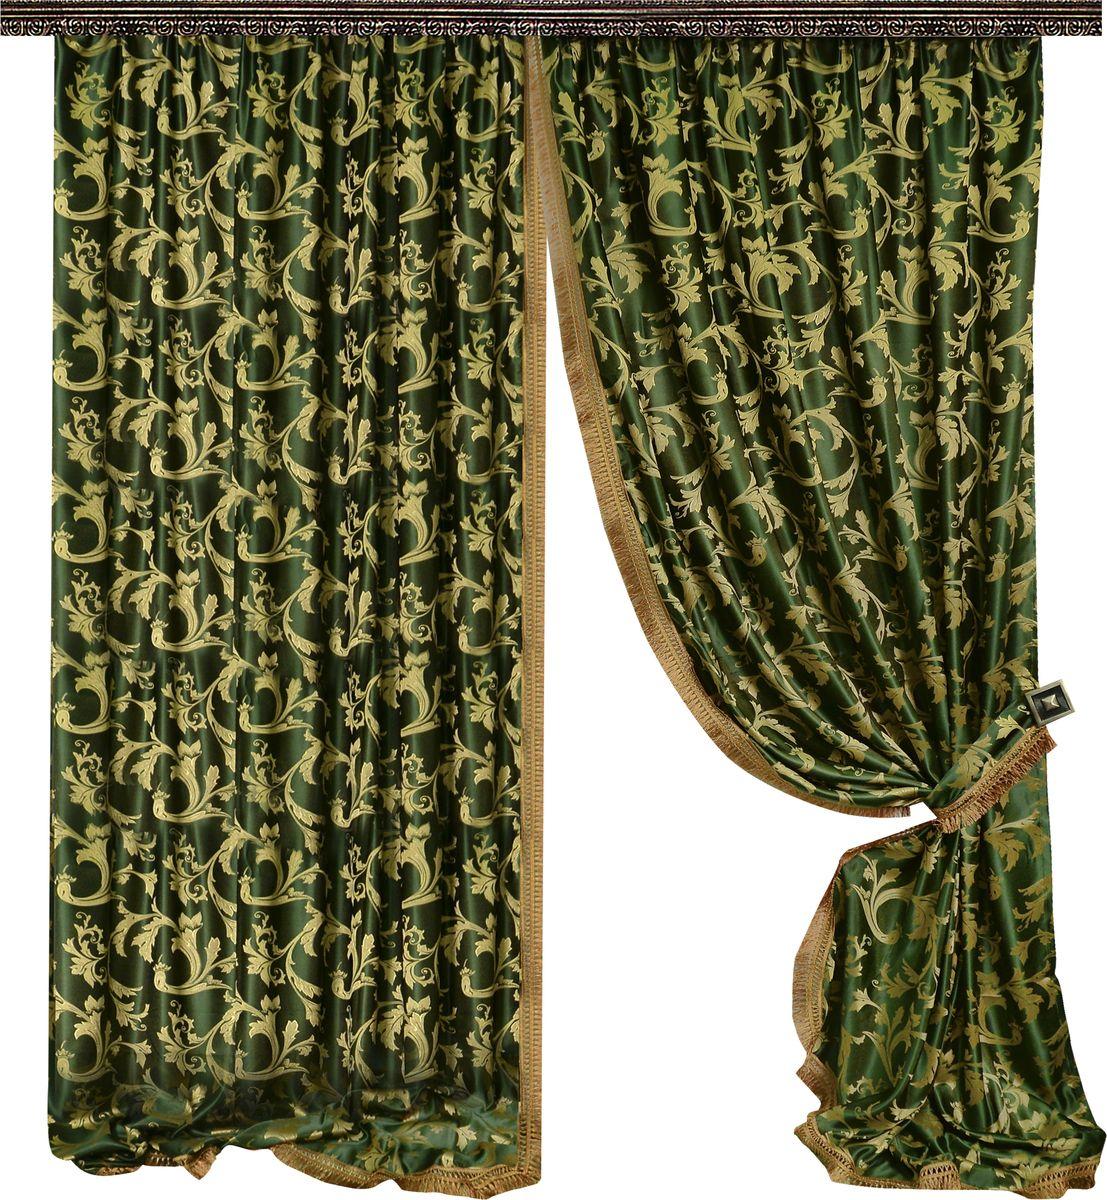 Комплект штор Zlata Korunka, на ленте, цвет: темно-зеленый, высота 260 см. 777092777092Роскошный комплект штор Zlata Korunka комплект состоит из двух штор и двух подхватов, выполненных из 100% полиэстера, которые великолепно украсит любое окно.Плотная ткань, оригинальный орнамент и приятная цветовая гамма привлекут к себе внимание и органично впишутся в интерьер помещения. Комплект крепится на карниз при помощи шторной ленты, которая поможет красиво и равномерно задрапировать верх.Этот комплект будет долгое время радовать вас и вашу семью! В комплект входит: Штора: 2 шт. Размер (ШхВ): 150 см х 260 см. Подхват: 2 шт.